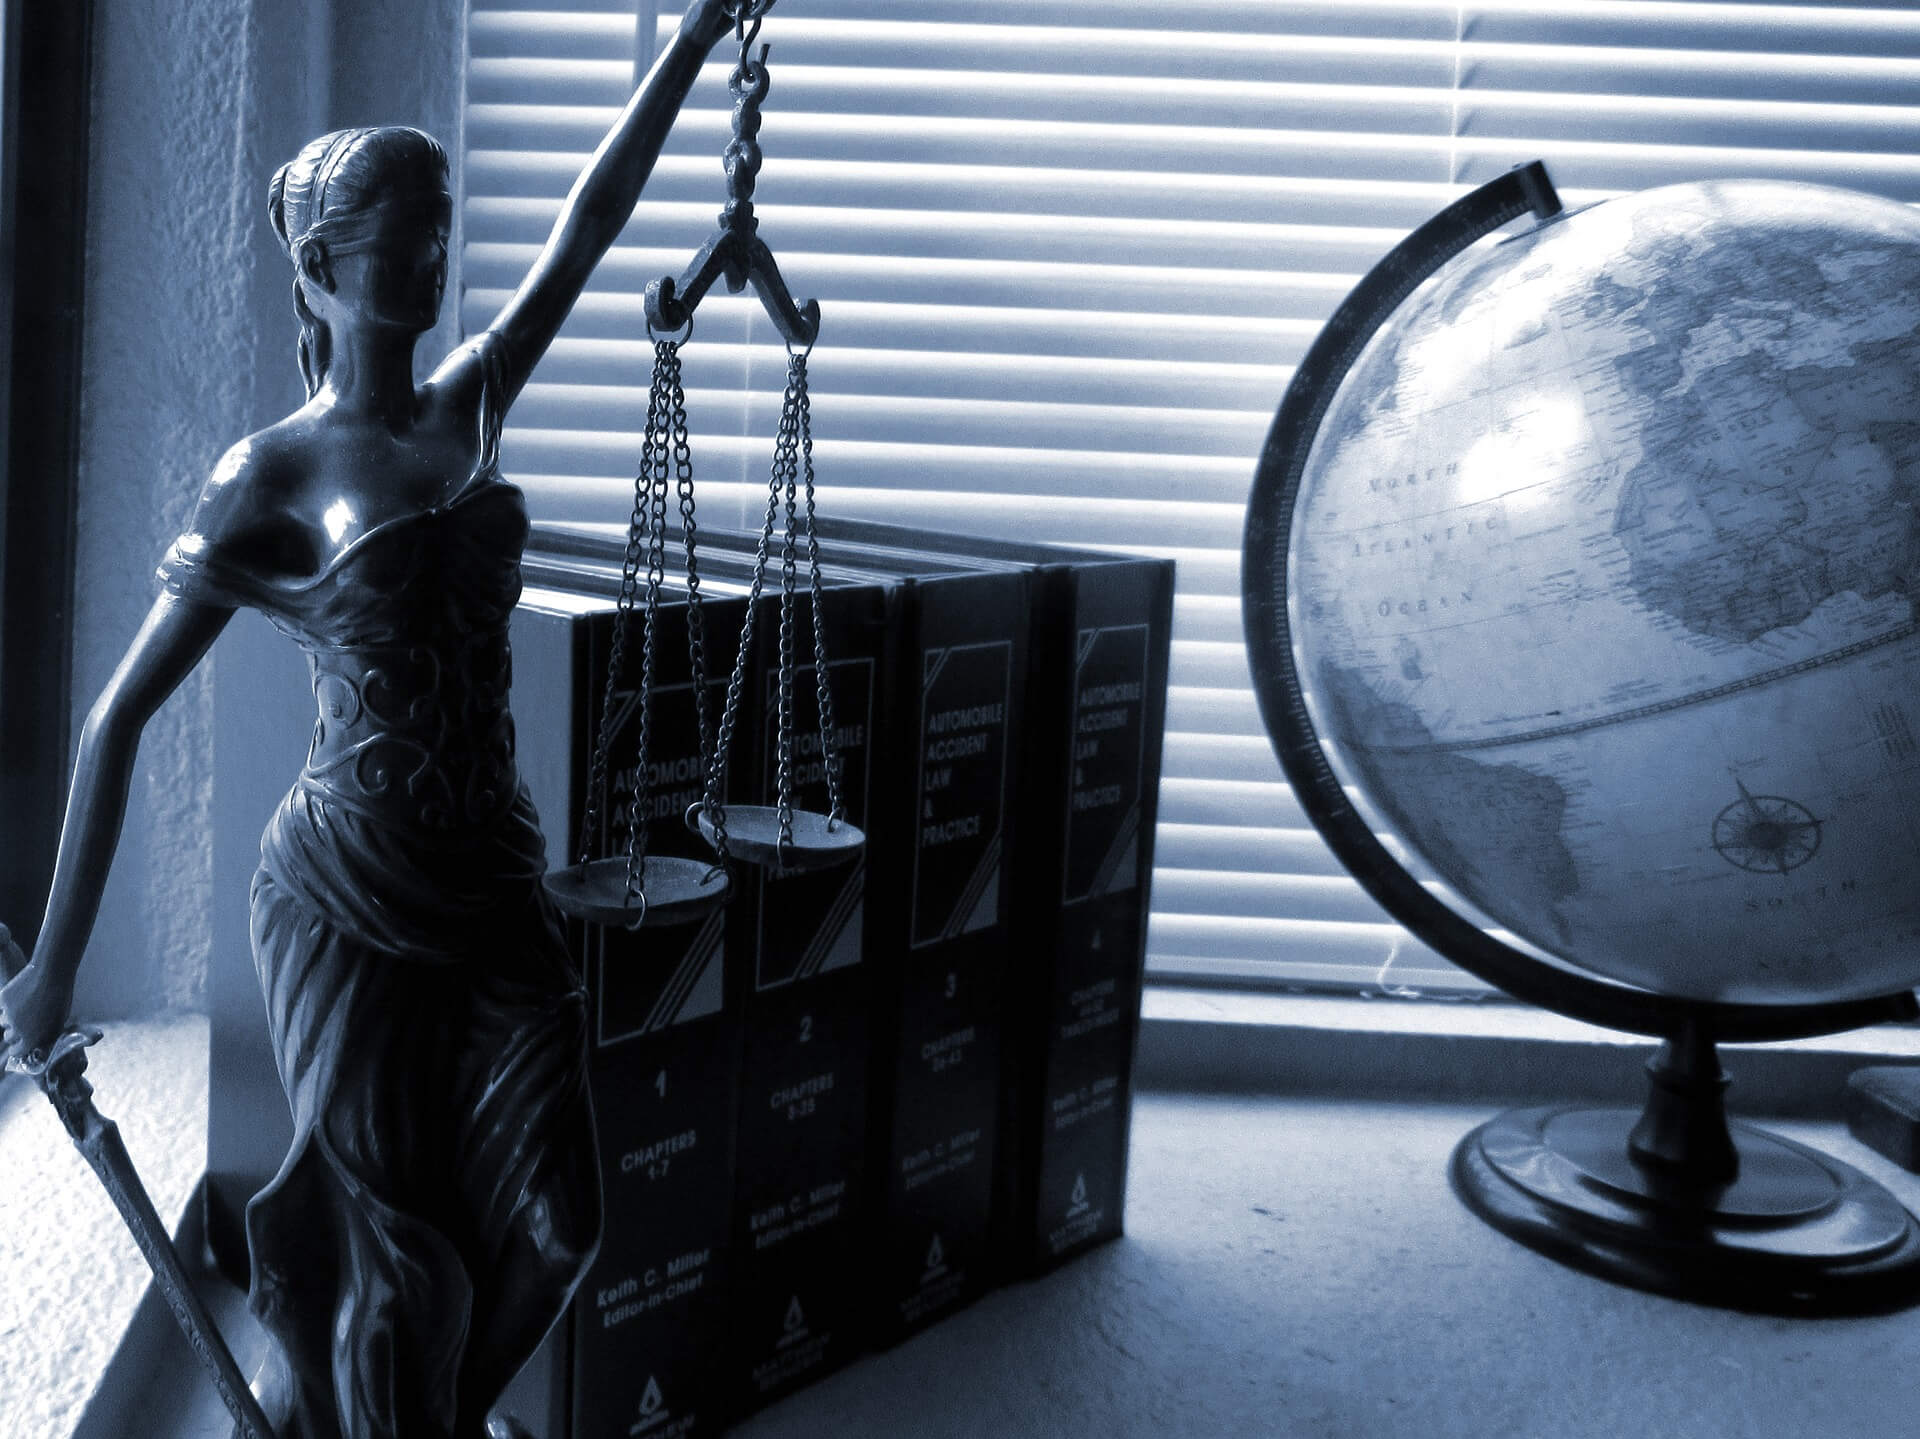 senora justicia2 abogados albacete lerma abogadoslerma.com